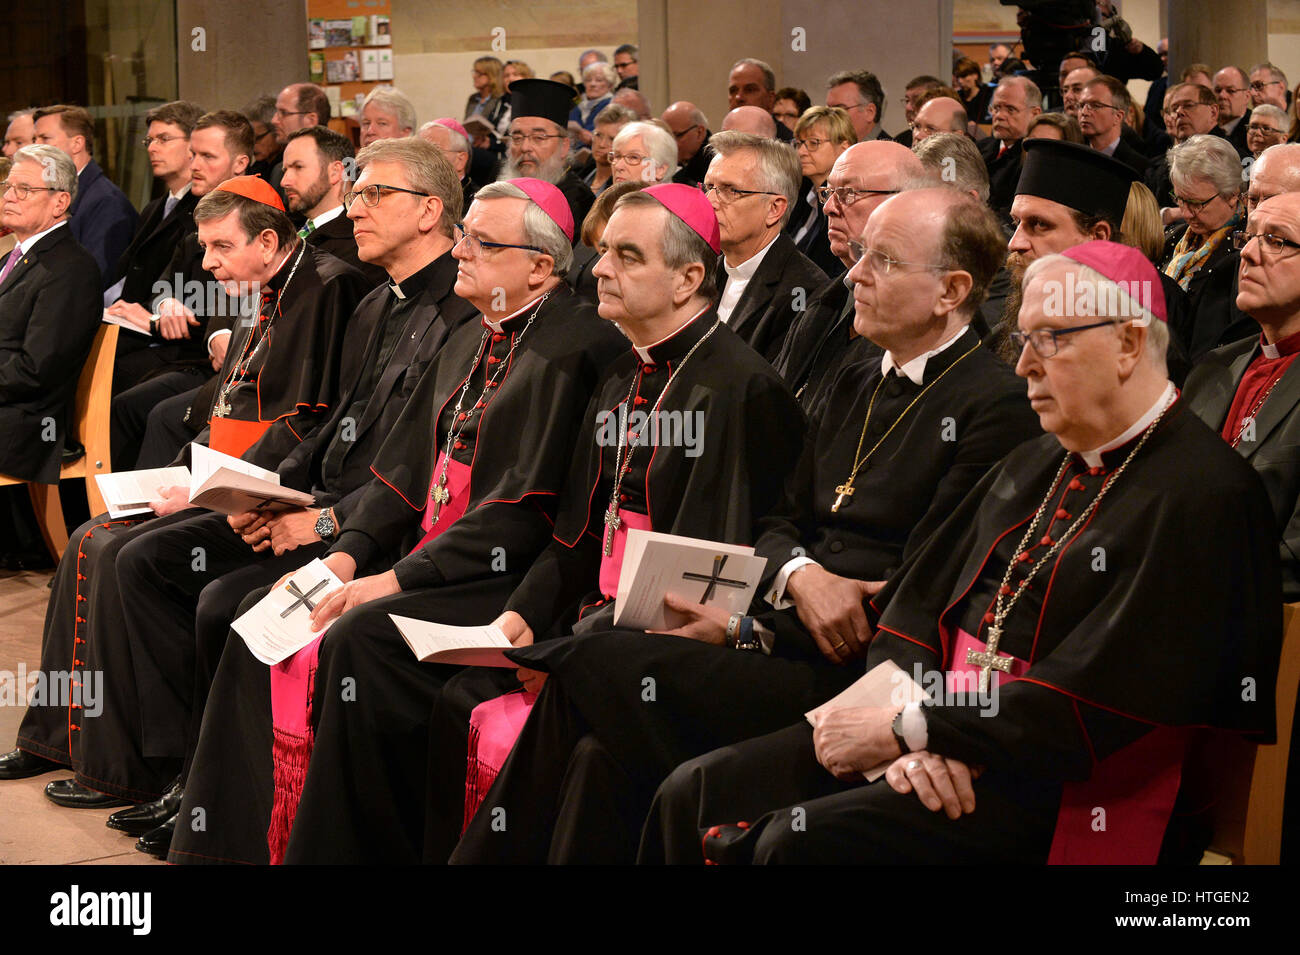 Bemerkenswert Meister Koch Ideen Von L-r: Cardinal Kurt Koch, Olav Fykse Tveit,